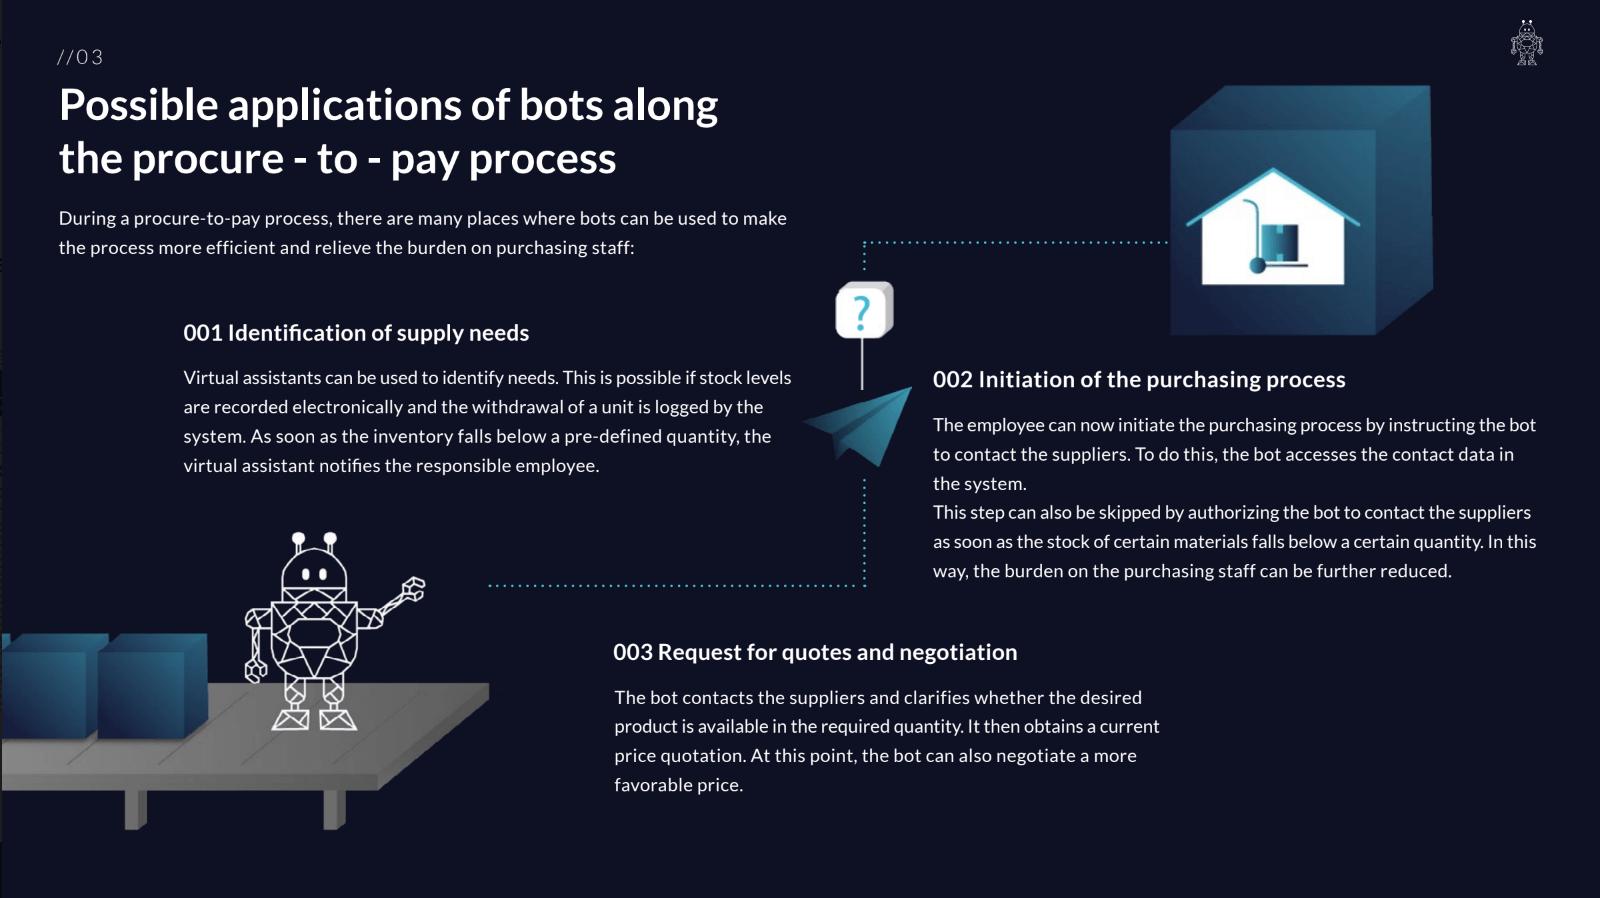 Anwendungsmöglichkeiten von Chatbot entlang des Procure to pay Prozesses